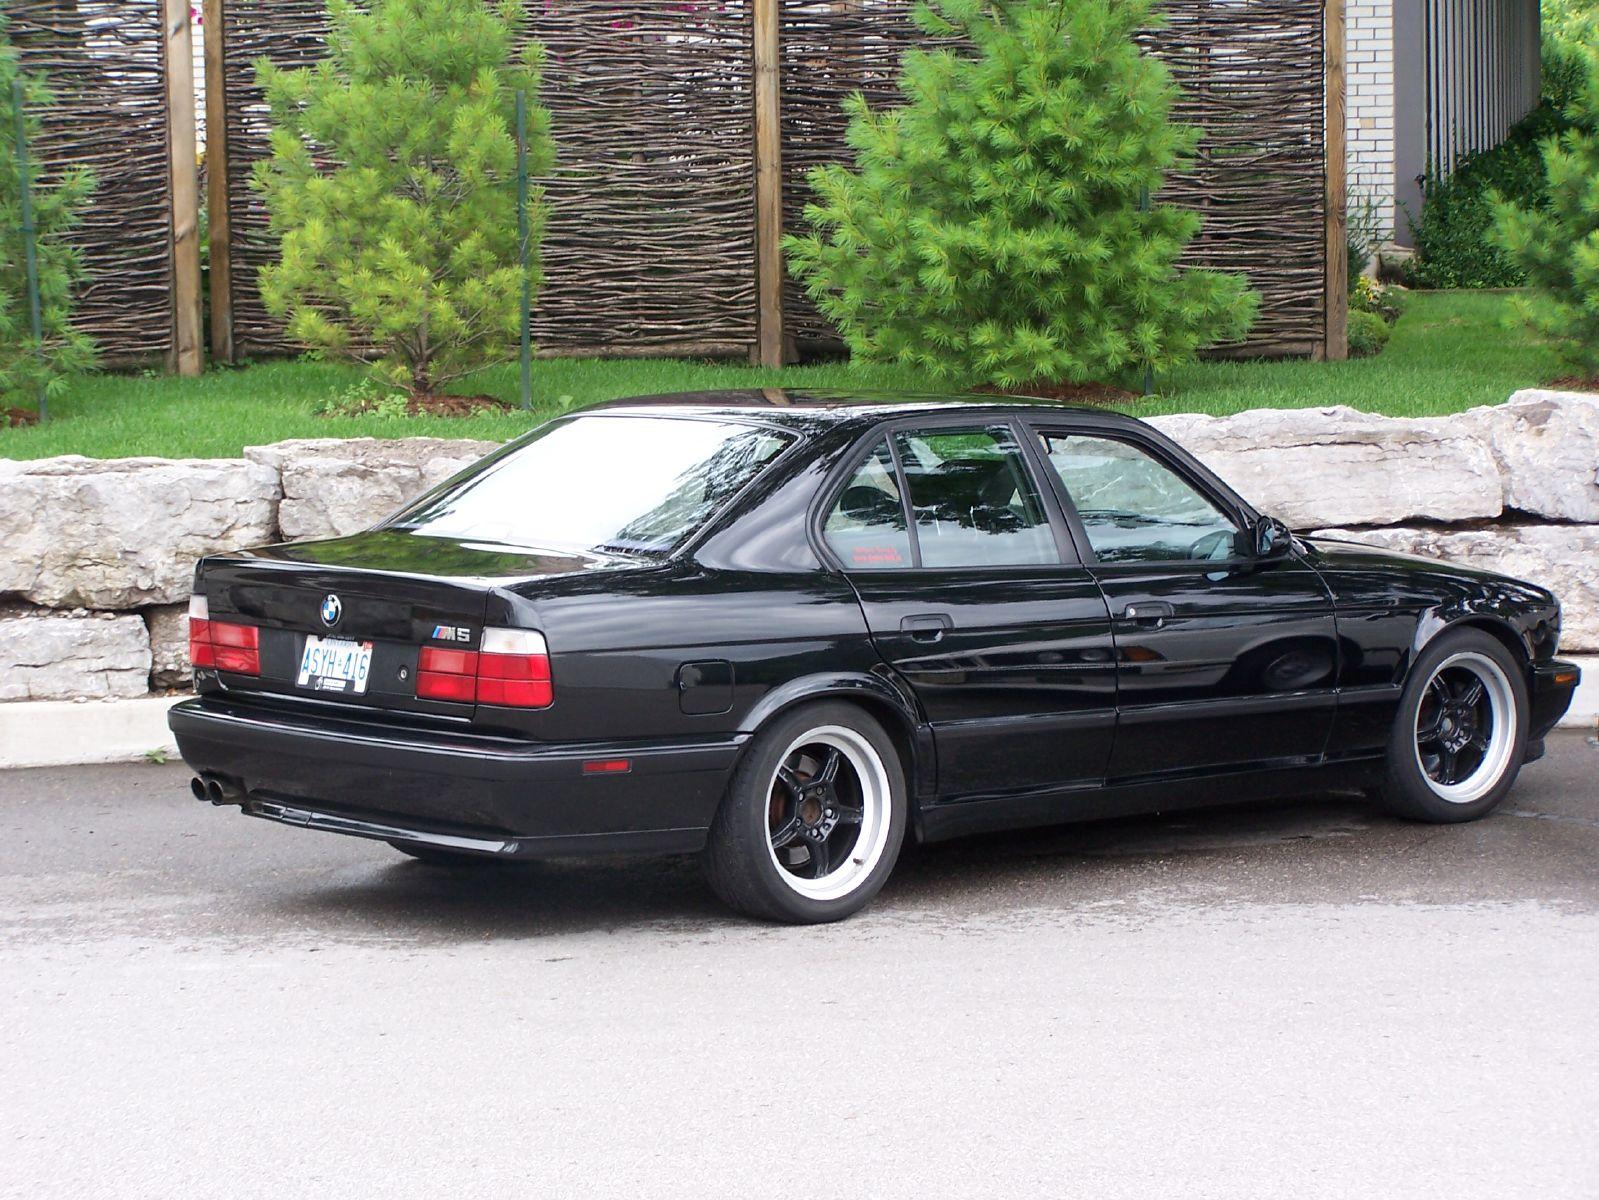 FileBMW Black M Ejpg Wikimedia Commons - 1990 bmw m5